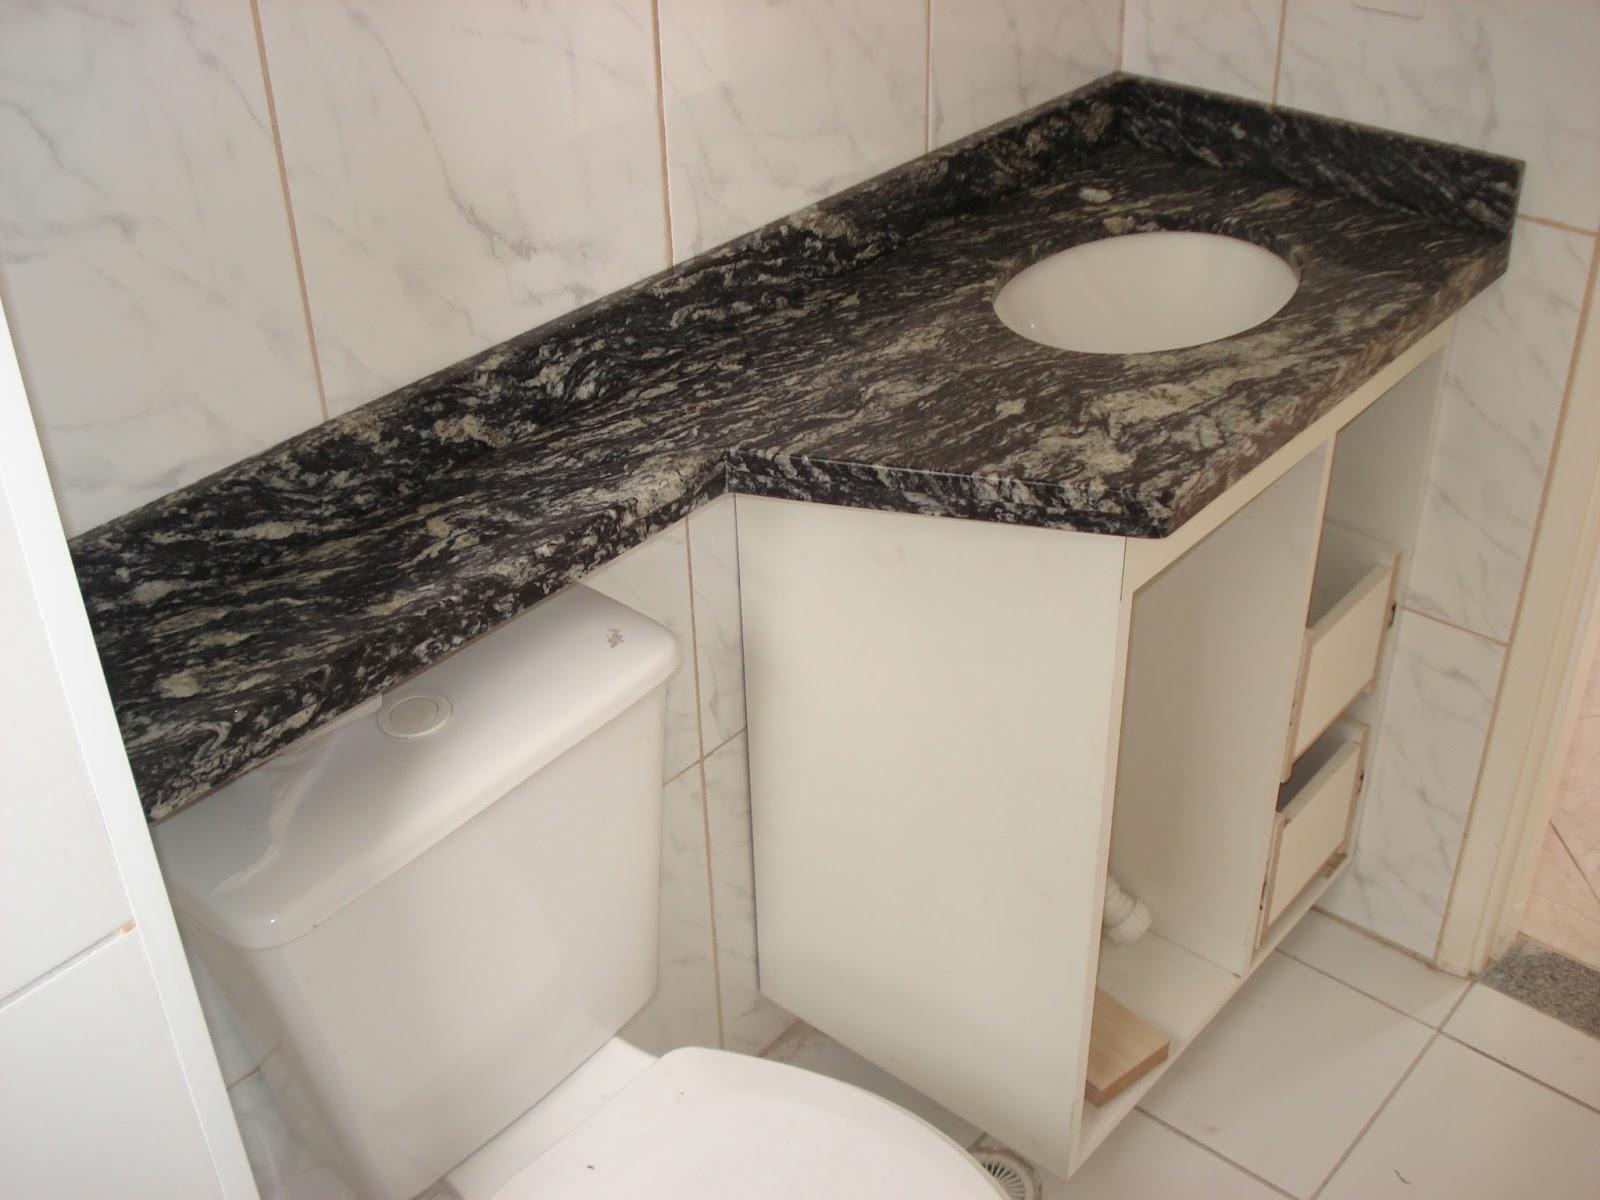 Lavatório no Granito Preto Indiano Acabamento Duplo Reto. #786753 1600x1200 Banheiro Com Granito Preto Indiano